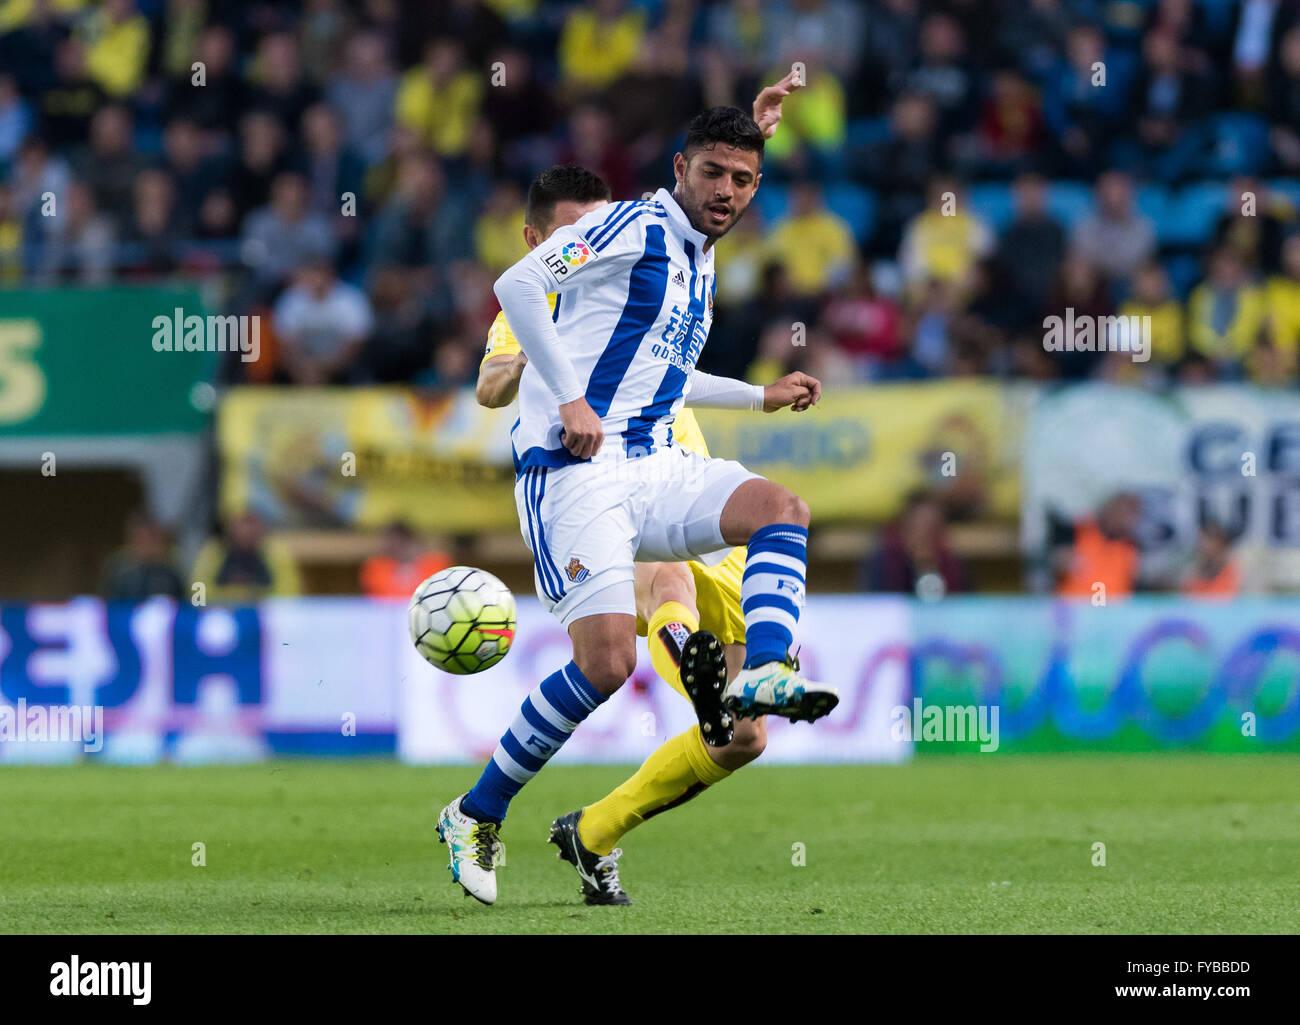 Villareal, Spain. 24th April, 2016. Carlos Vela of Real Sociedad during the La Liga match at Estadio El Madrigal, - Stock Image